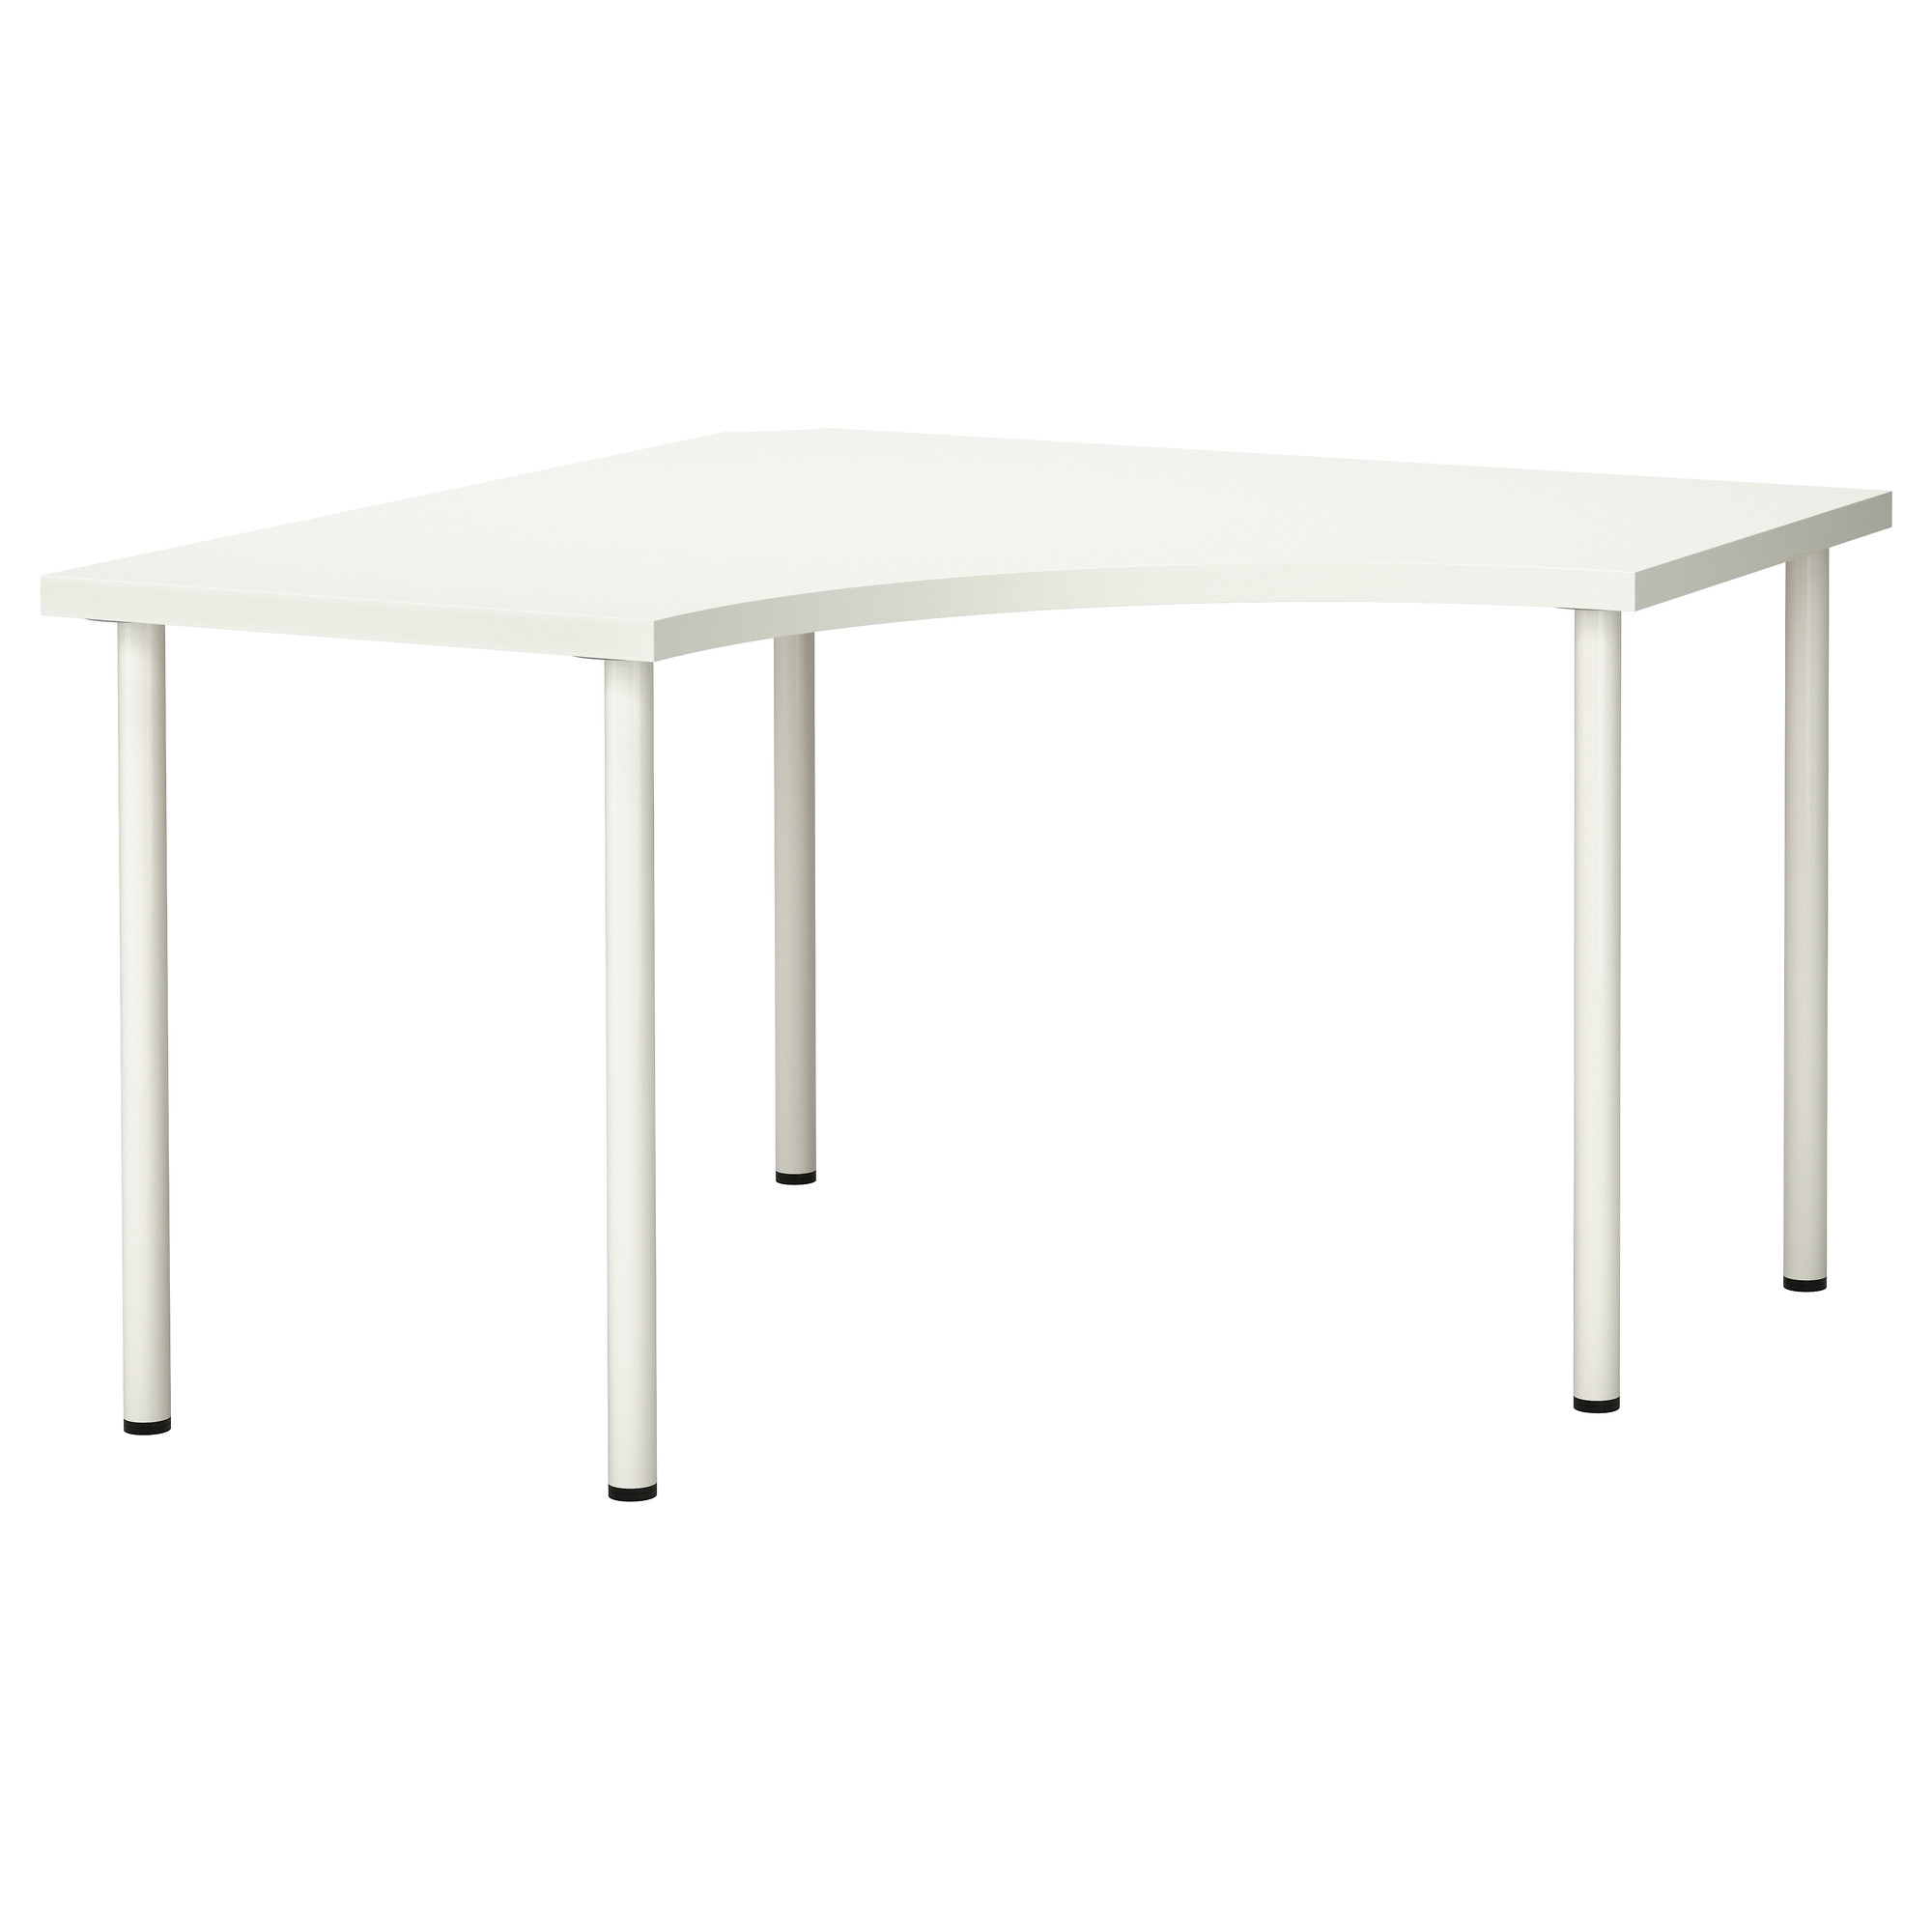 Linnmon adils mesa de esquina for Mesas para esquinas